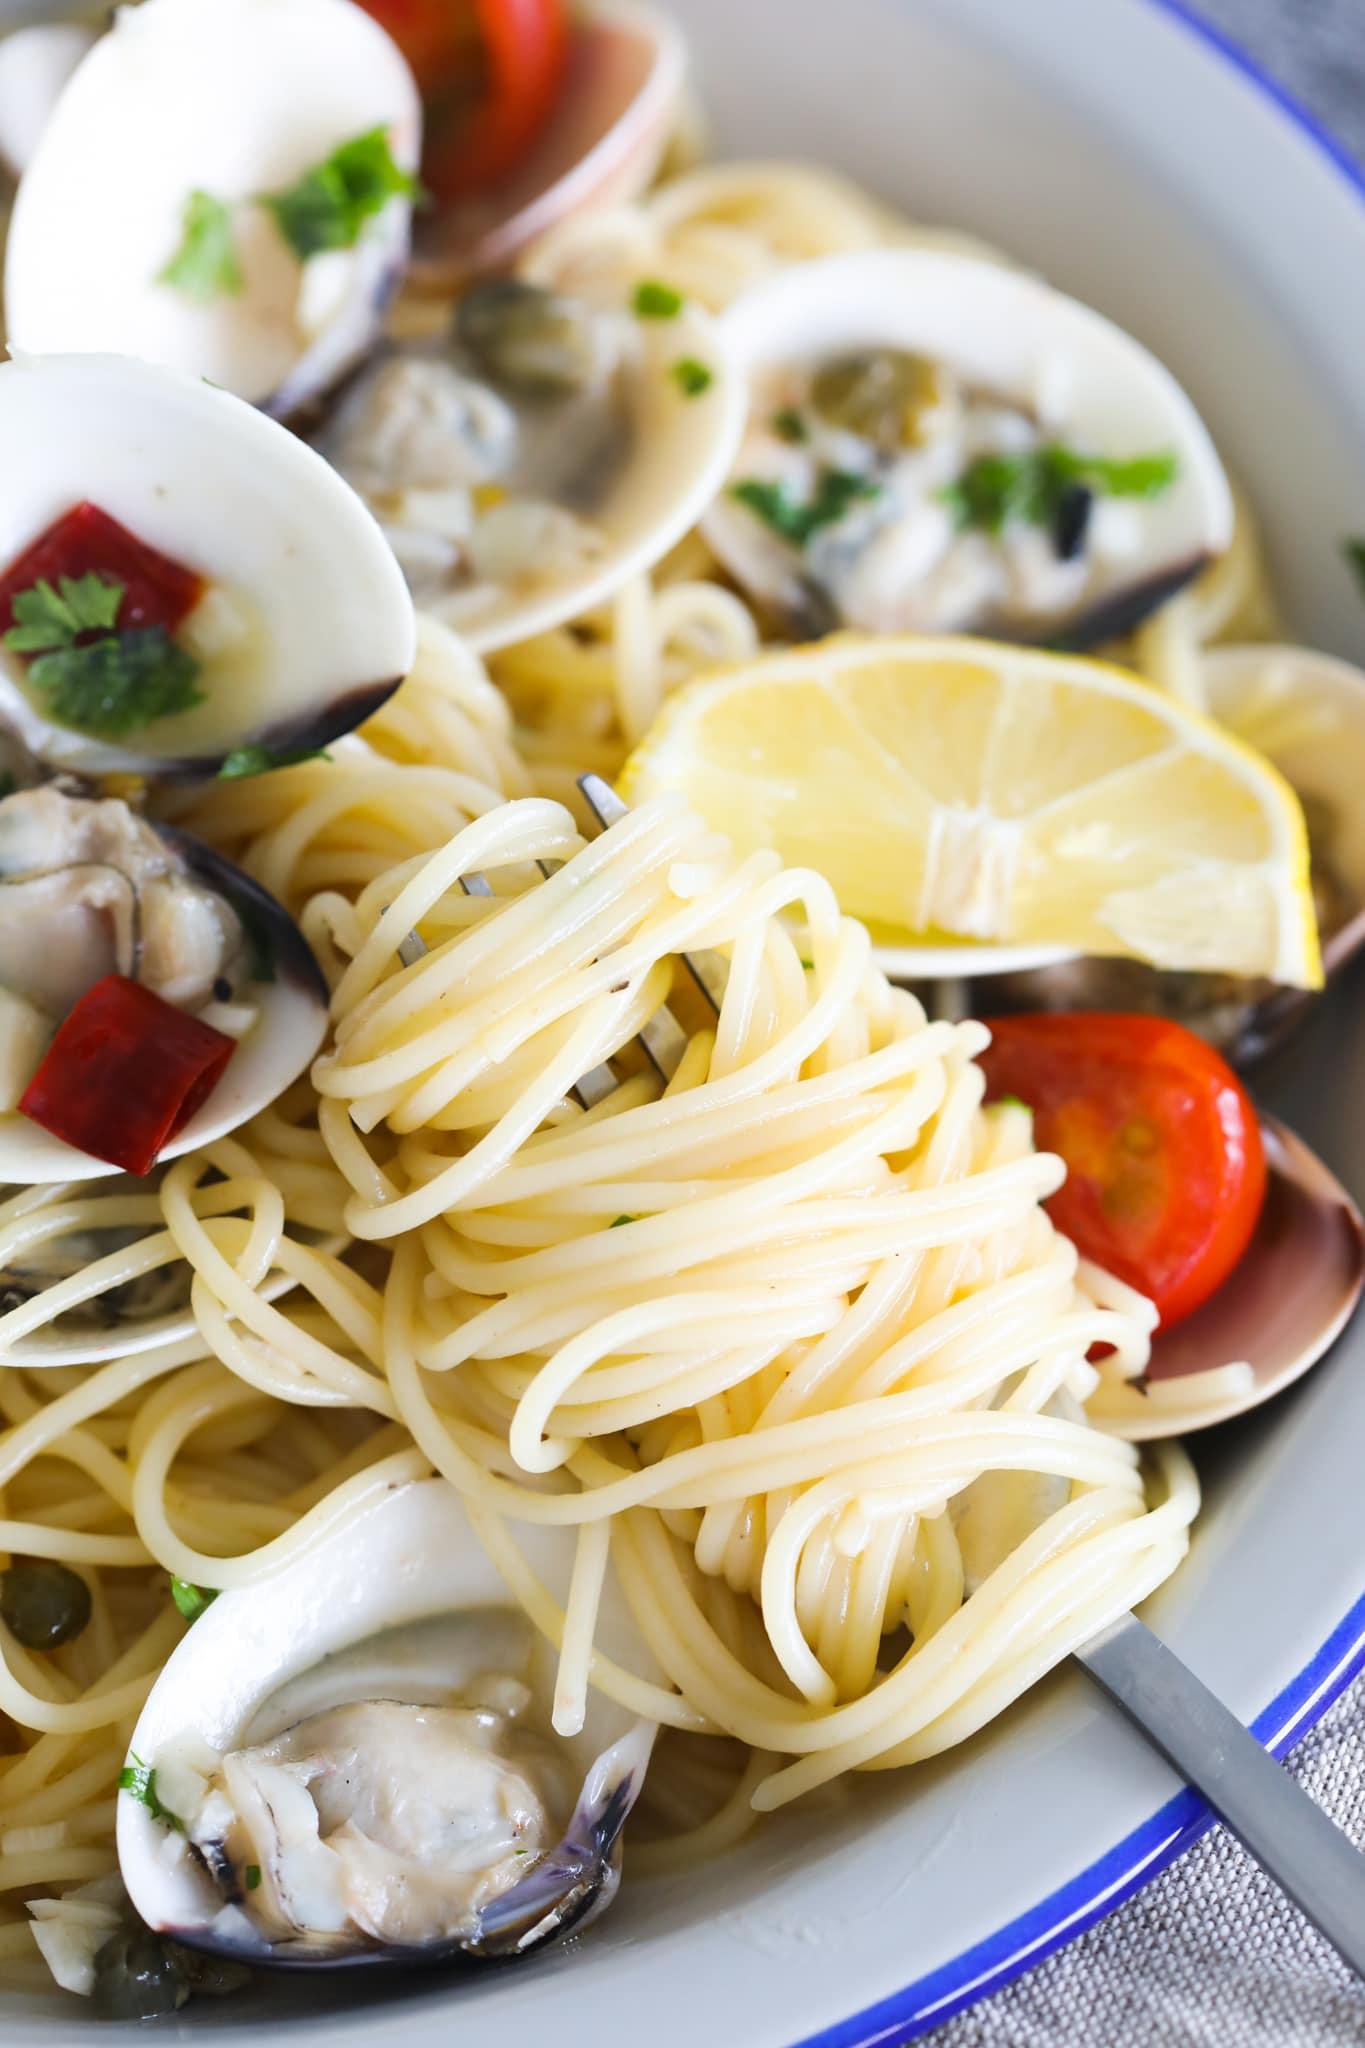 Recette de Capellini avec des ingrédients simples.